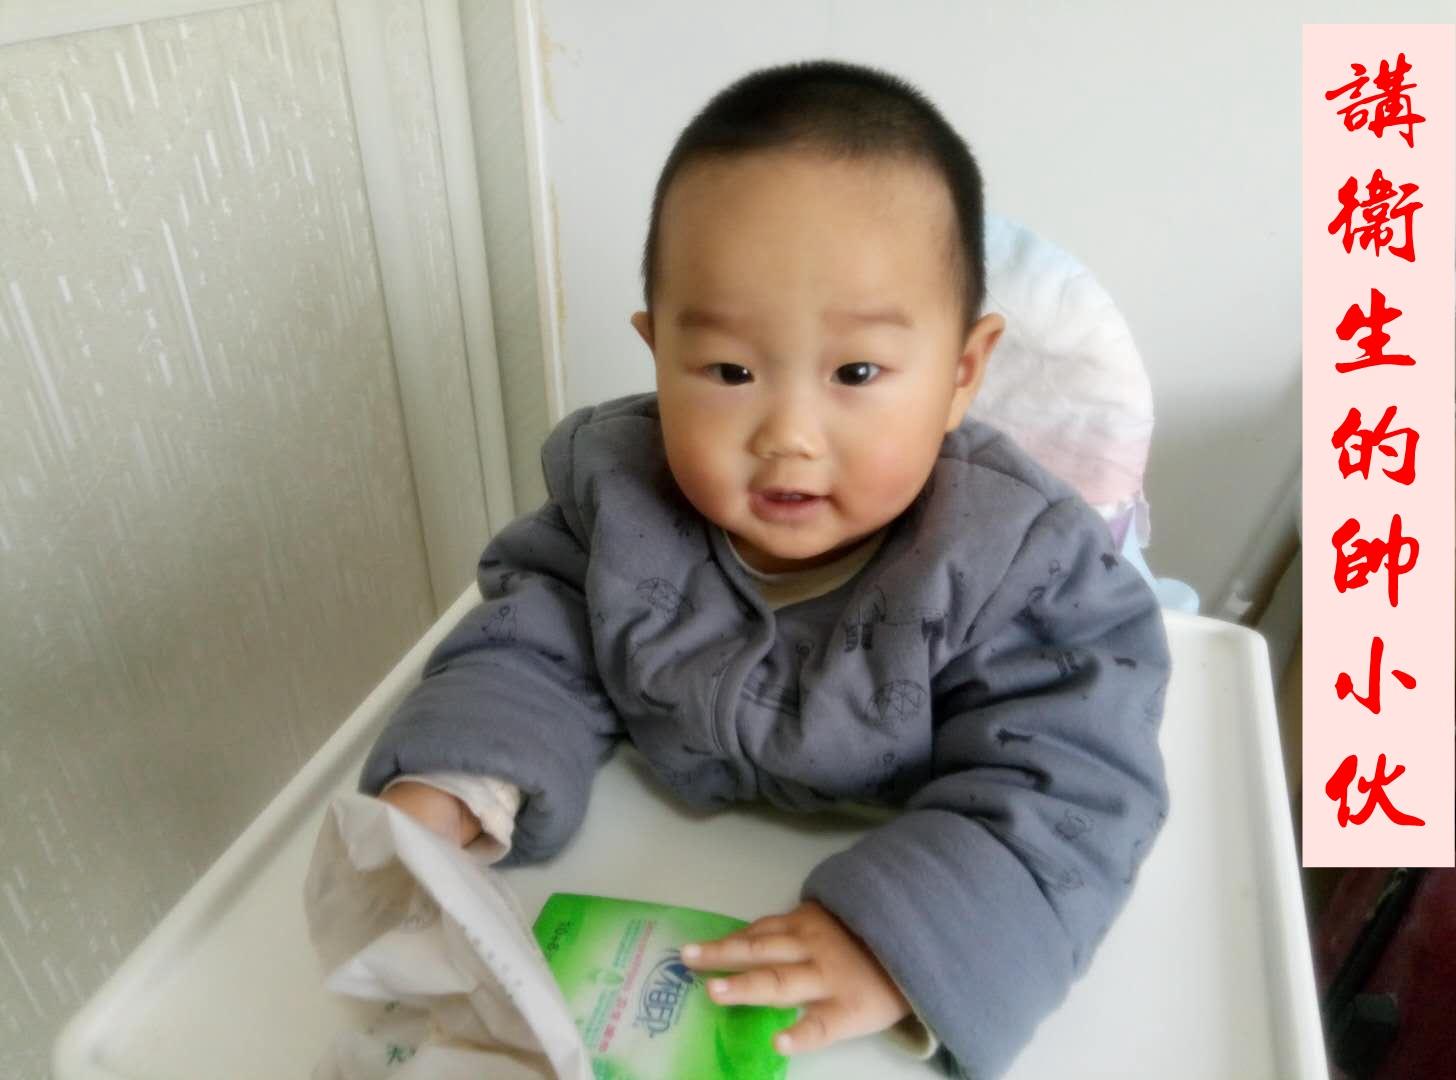 李浩铭—讲卫生的帅小伙